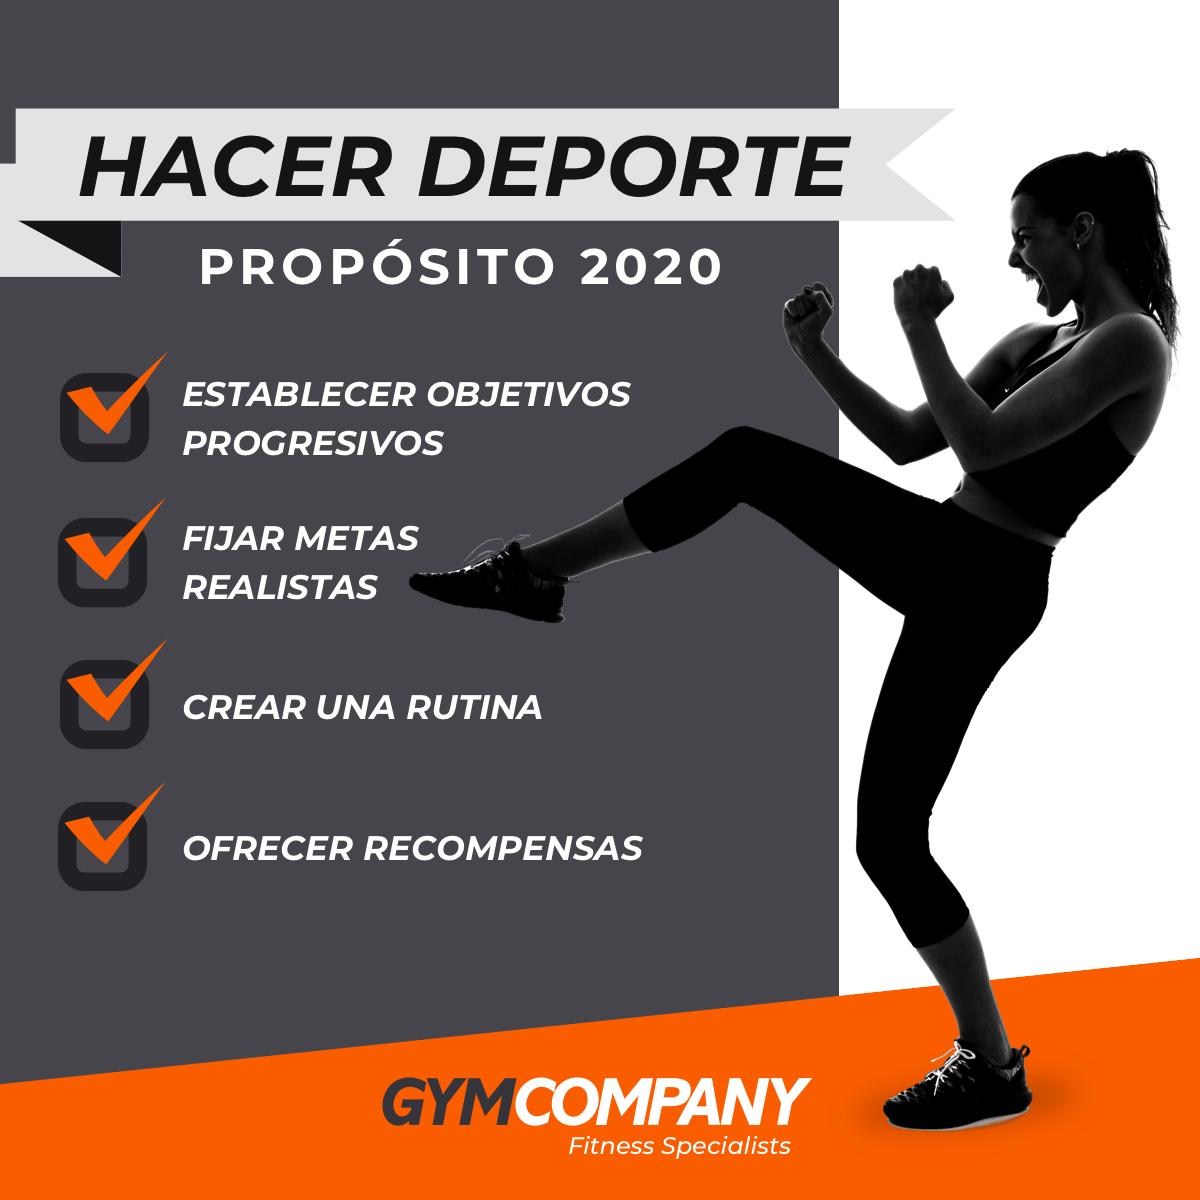 propositos-hacer-deporte-checklist